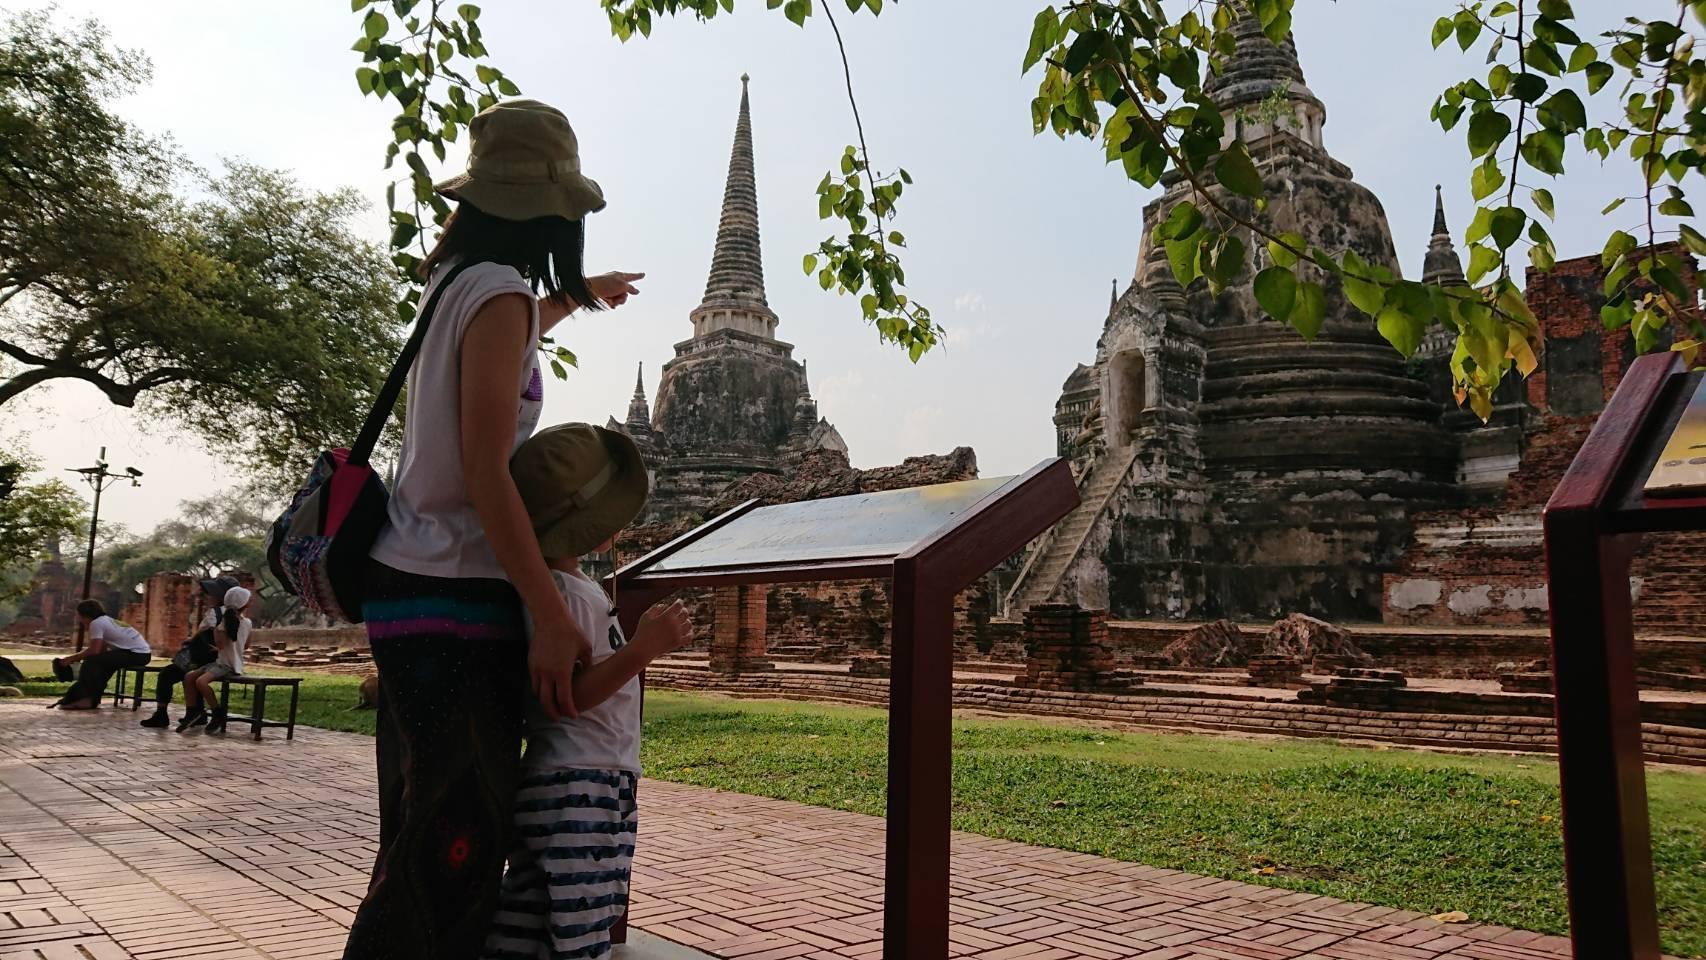 小さい子を連れての旅行。でも、せっかくタイに来たのだから、寺院もみたいし…。という事で、1日だけオプショナルツアーに申し込みました。1日だから暑さで子どもが疲れちゃうかな➰と思いましたが、バス移動なのでどうにか休めるかなと参加を決めました。 参加してみて、すごく楽しかったです。個人では移動できない距離なので、連れていってくれるのは嬉しく、そしてガイドさんの日本語も上手で楽しかったです。バスは冷房寒くなく、風が当たらないように吹き出し口を調整できます。長袖は着ませんでした。 お昼は1時間なので、目の前のフードコートで食べました。 高速道路の渋滞状況によって、観光の時間が限られてしまいますので、もう少し見たいー!ということはありましたが、逆にまた来たい!と思う気持ちをもって帰ることができました(笑) 子どもは暑さと飽きてしまっていましたが、リスが木を登っていたり、虫や魚がいるとそれを見て楽しんでいましたので、別の意味で楽しめたのかな?と思います。ゾウに乗ったのですが(別料金)それも楽しかったようです。